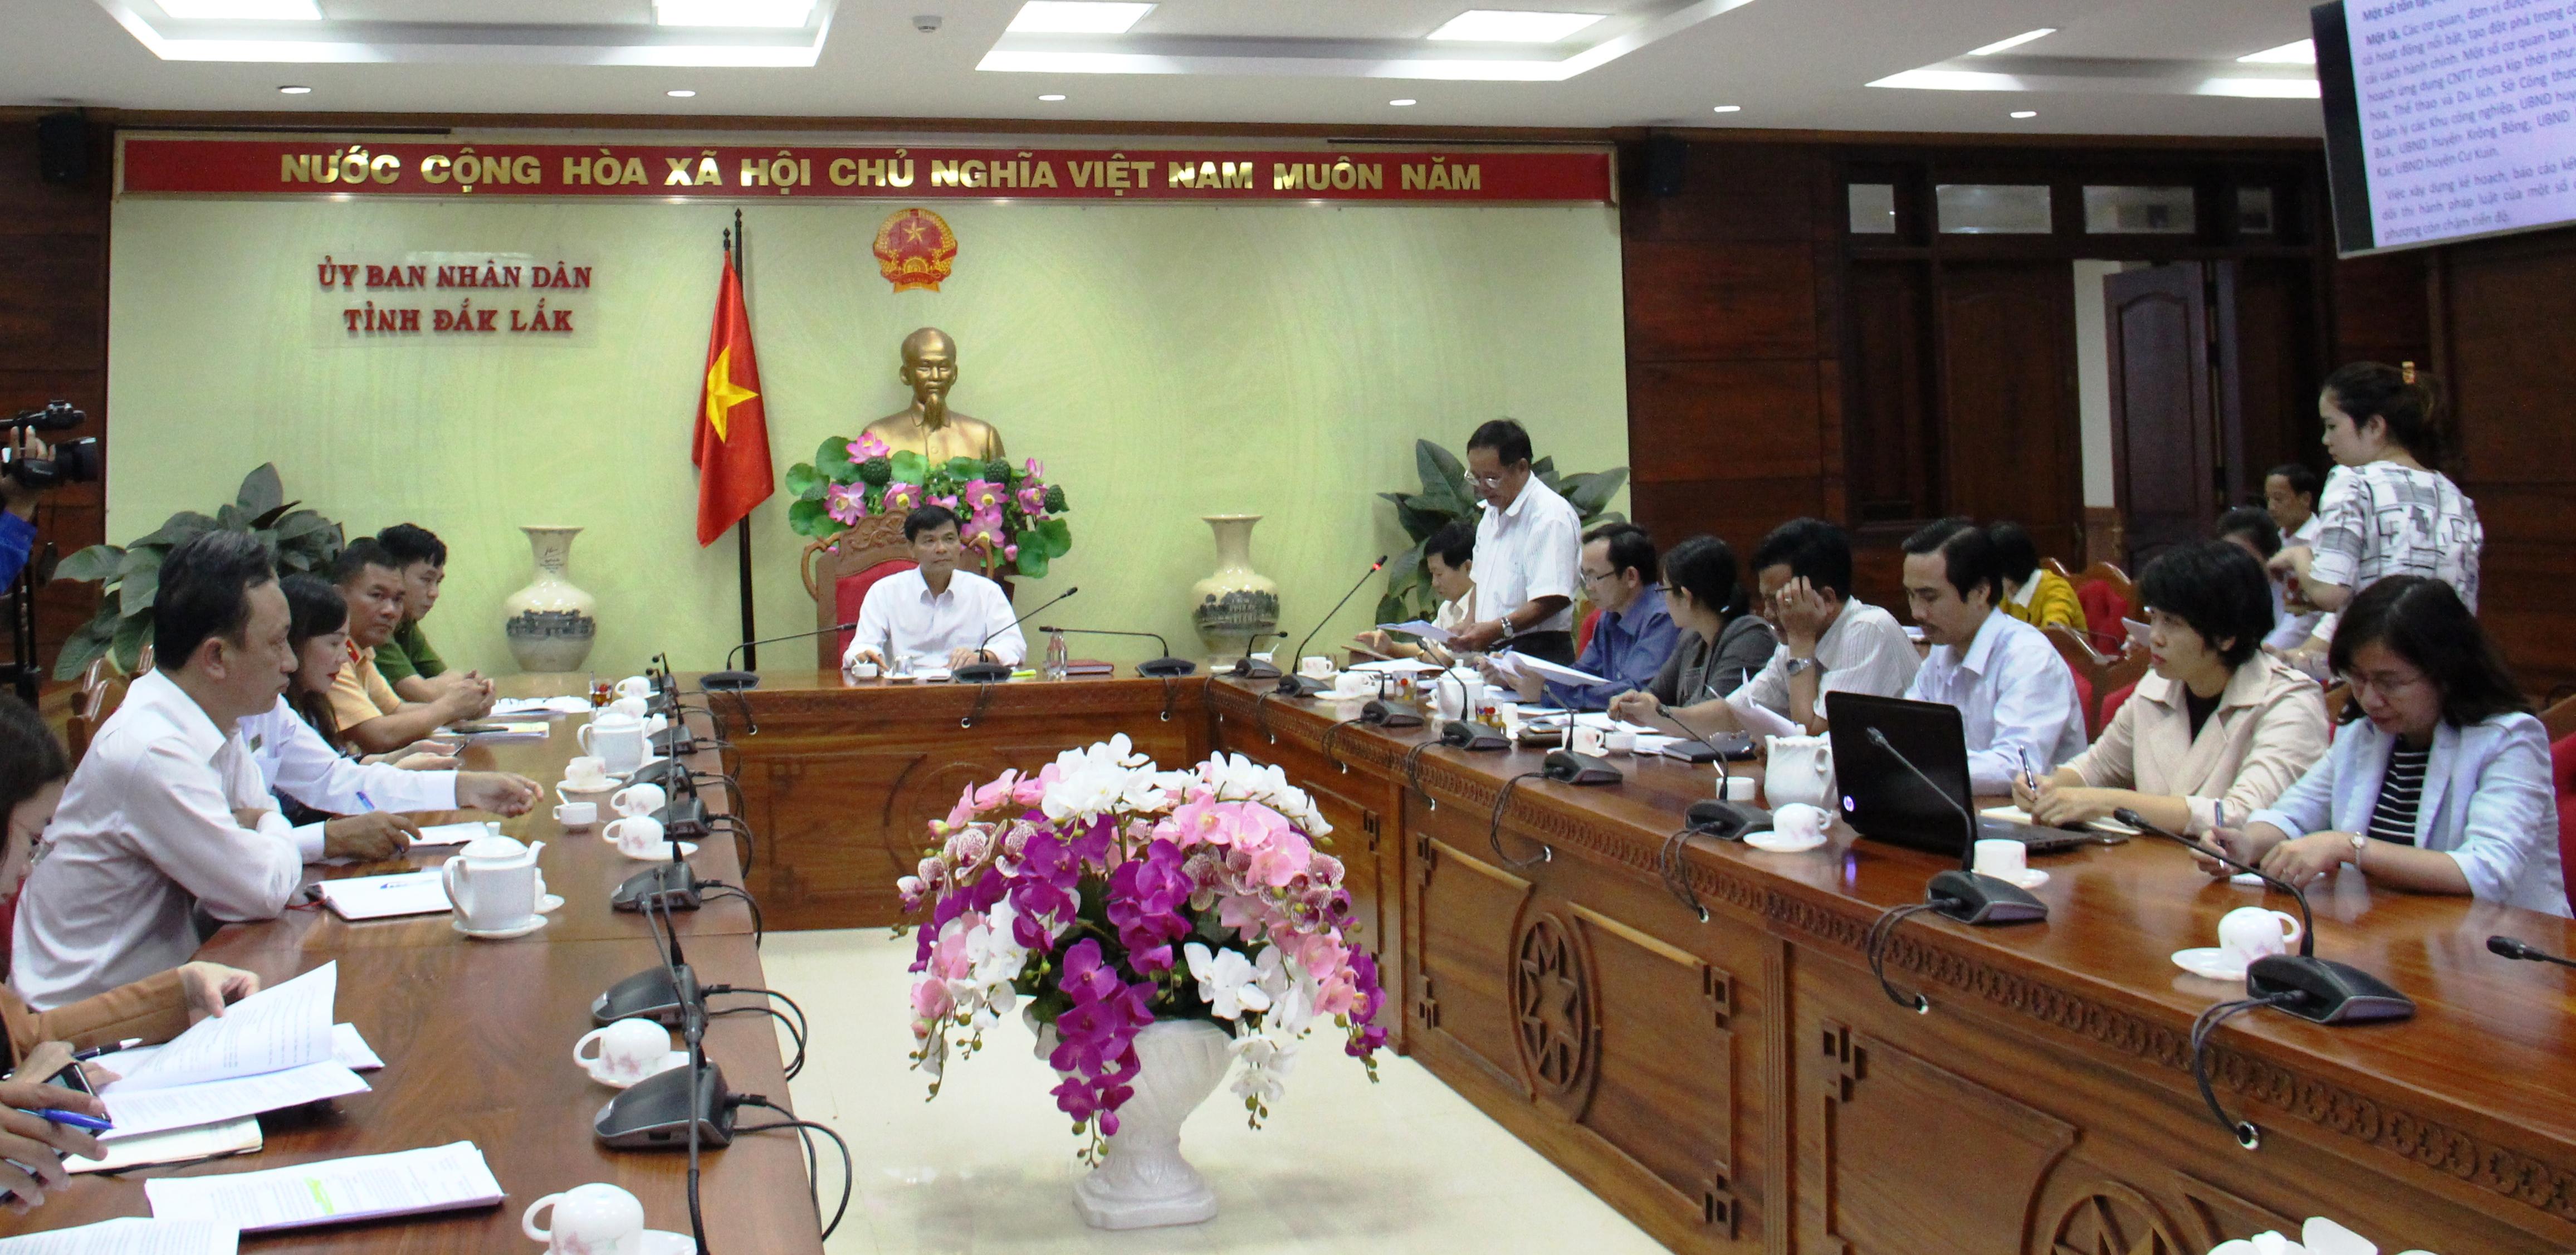 Công bố kết quả kiểm tra cải cách hành chính nhà nước năm 2019 trên địa bàn tỉnh.